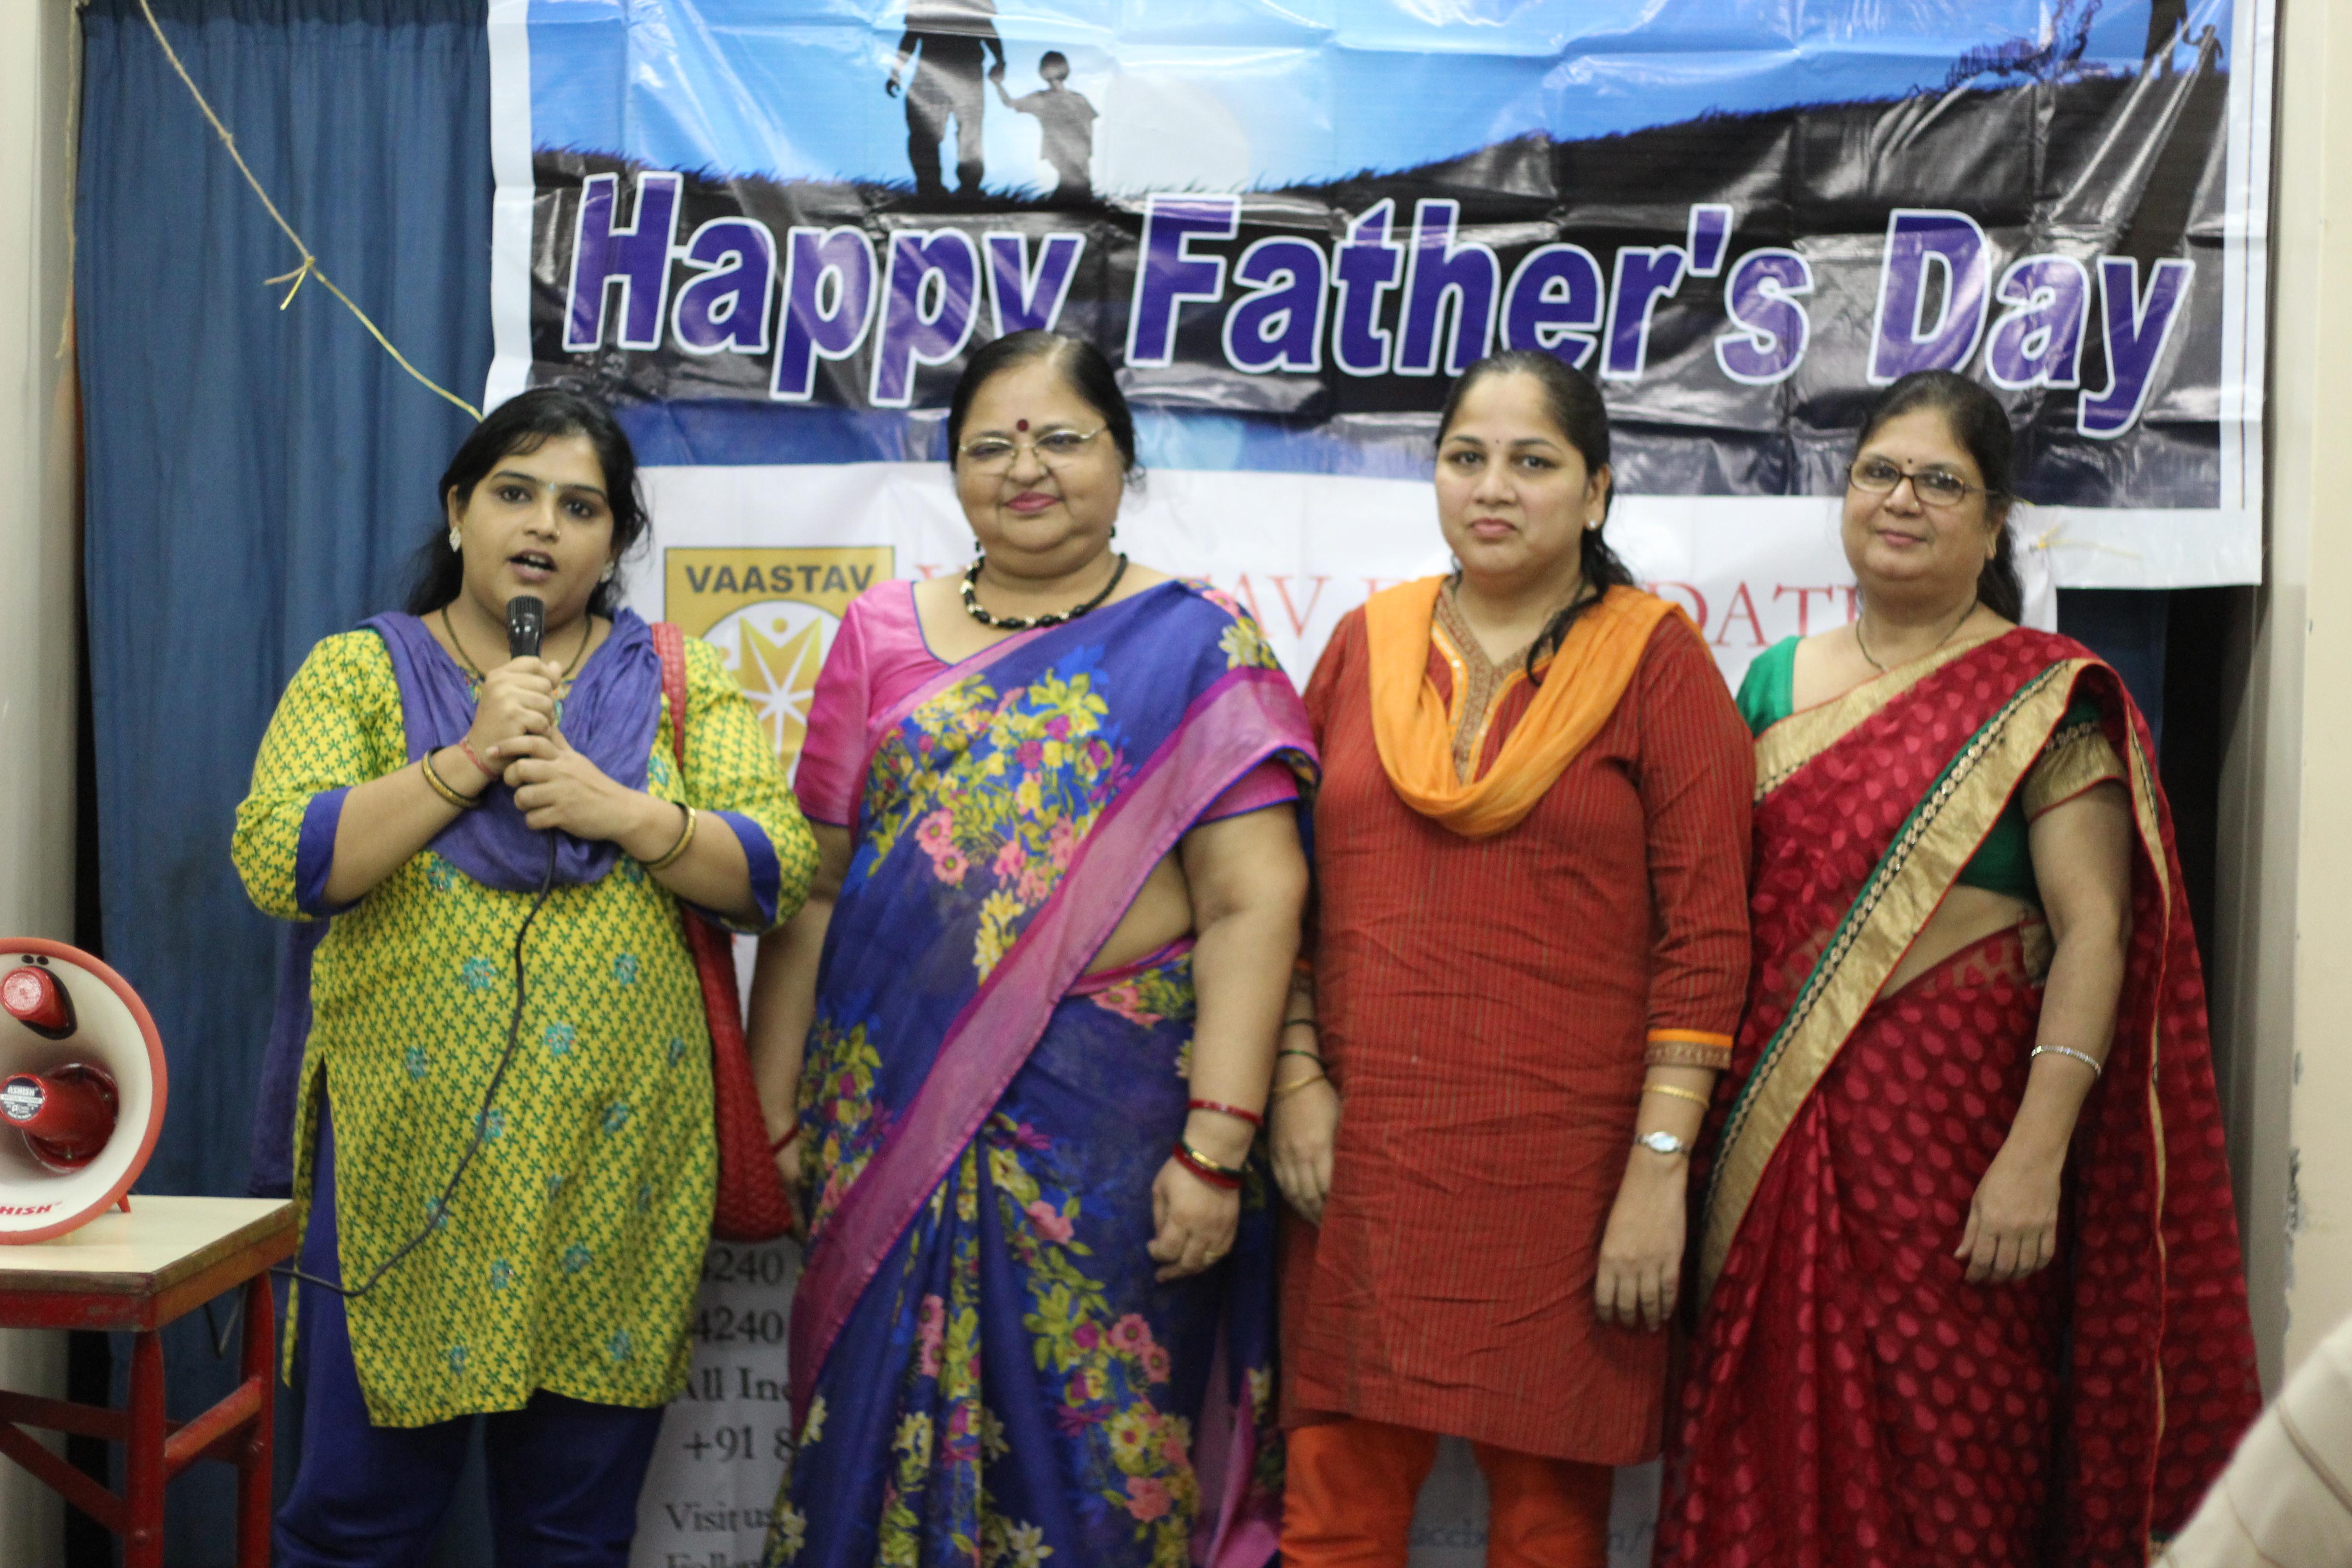 FathersDay2015 by GSat 202